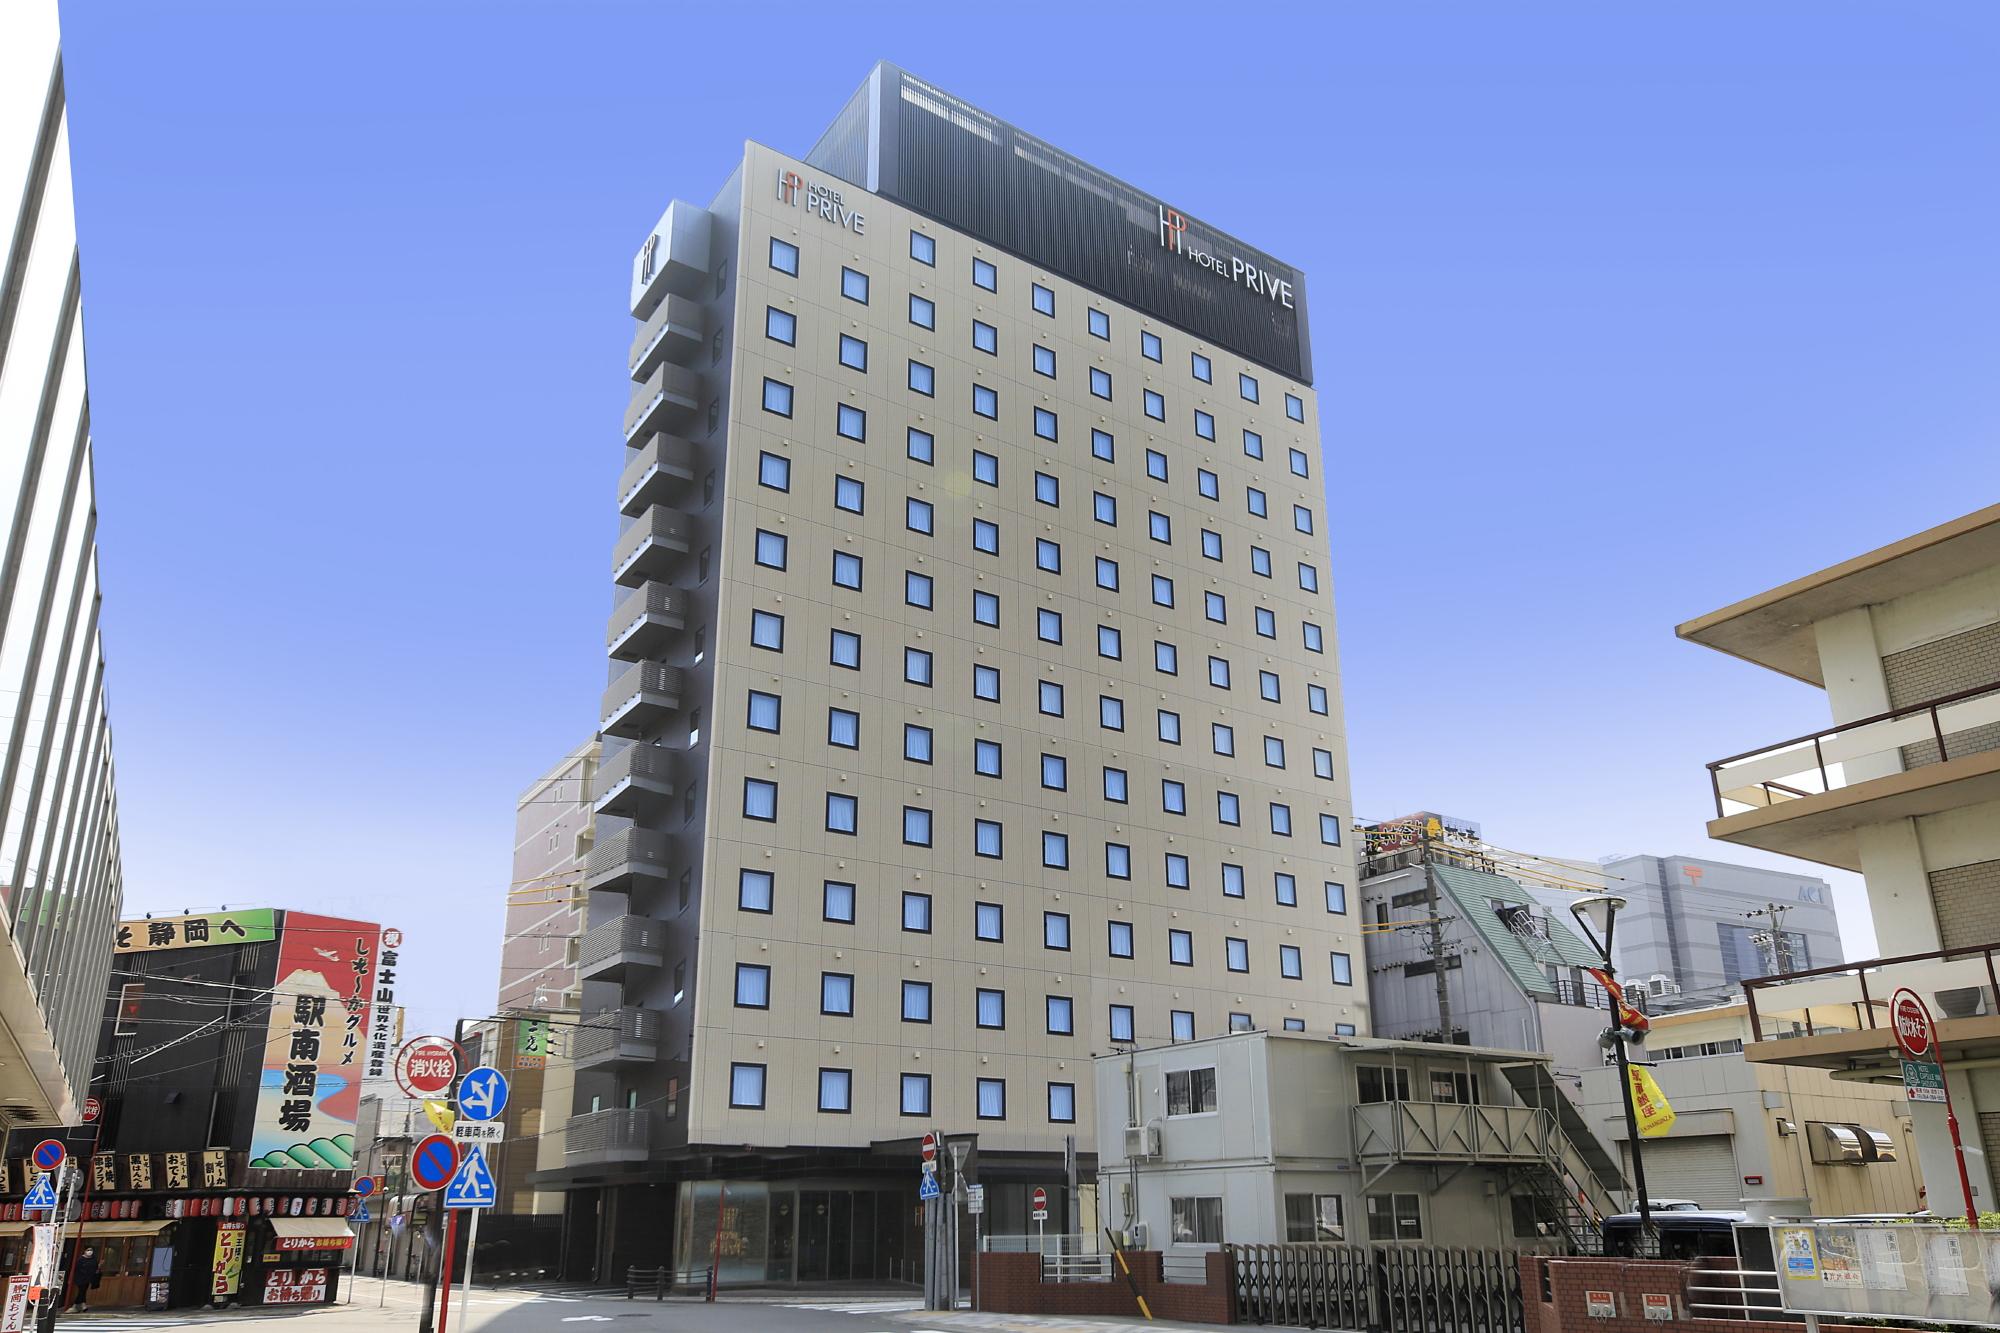 ホテル プリヴェ静岡ステーション◆楽天トラベル